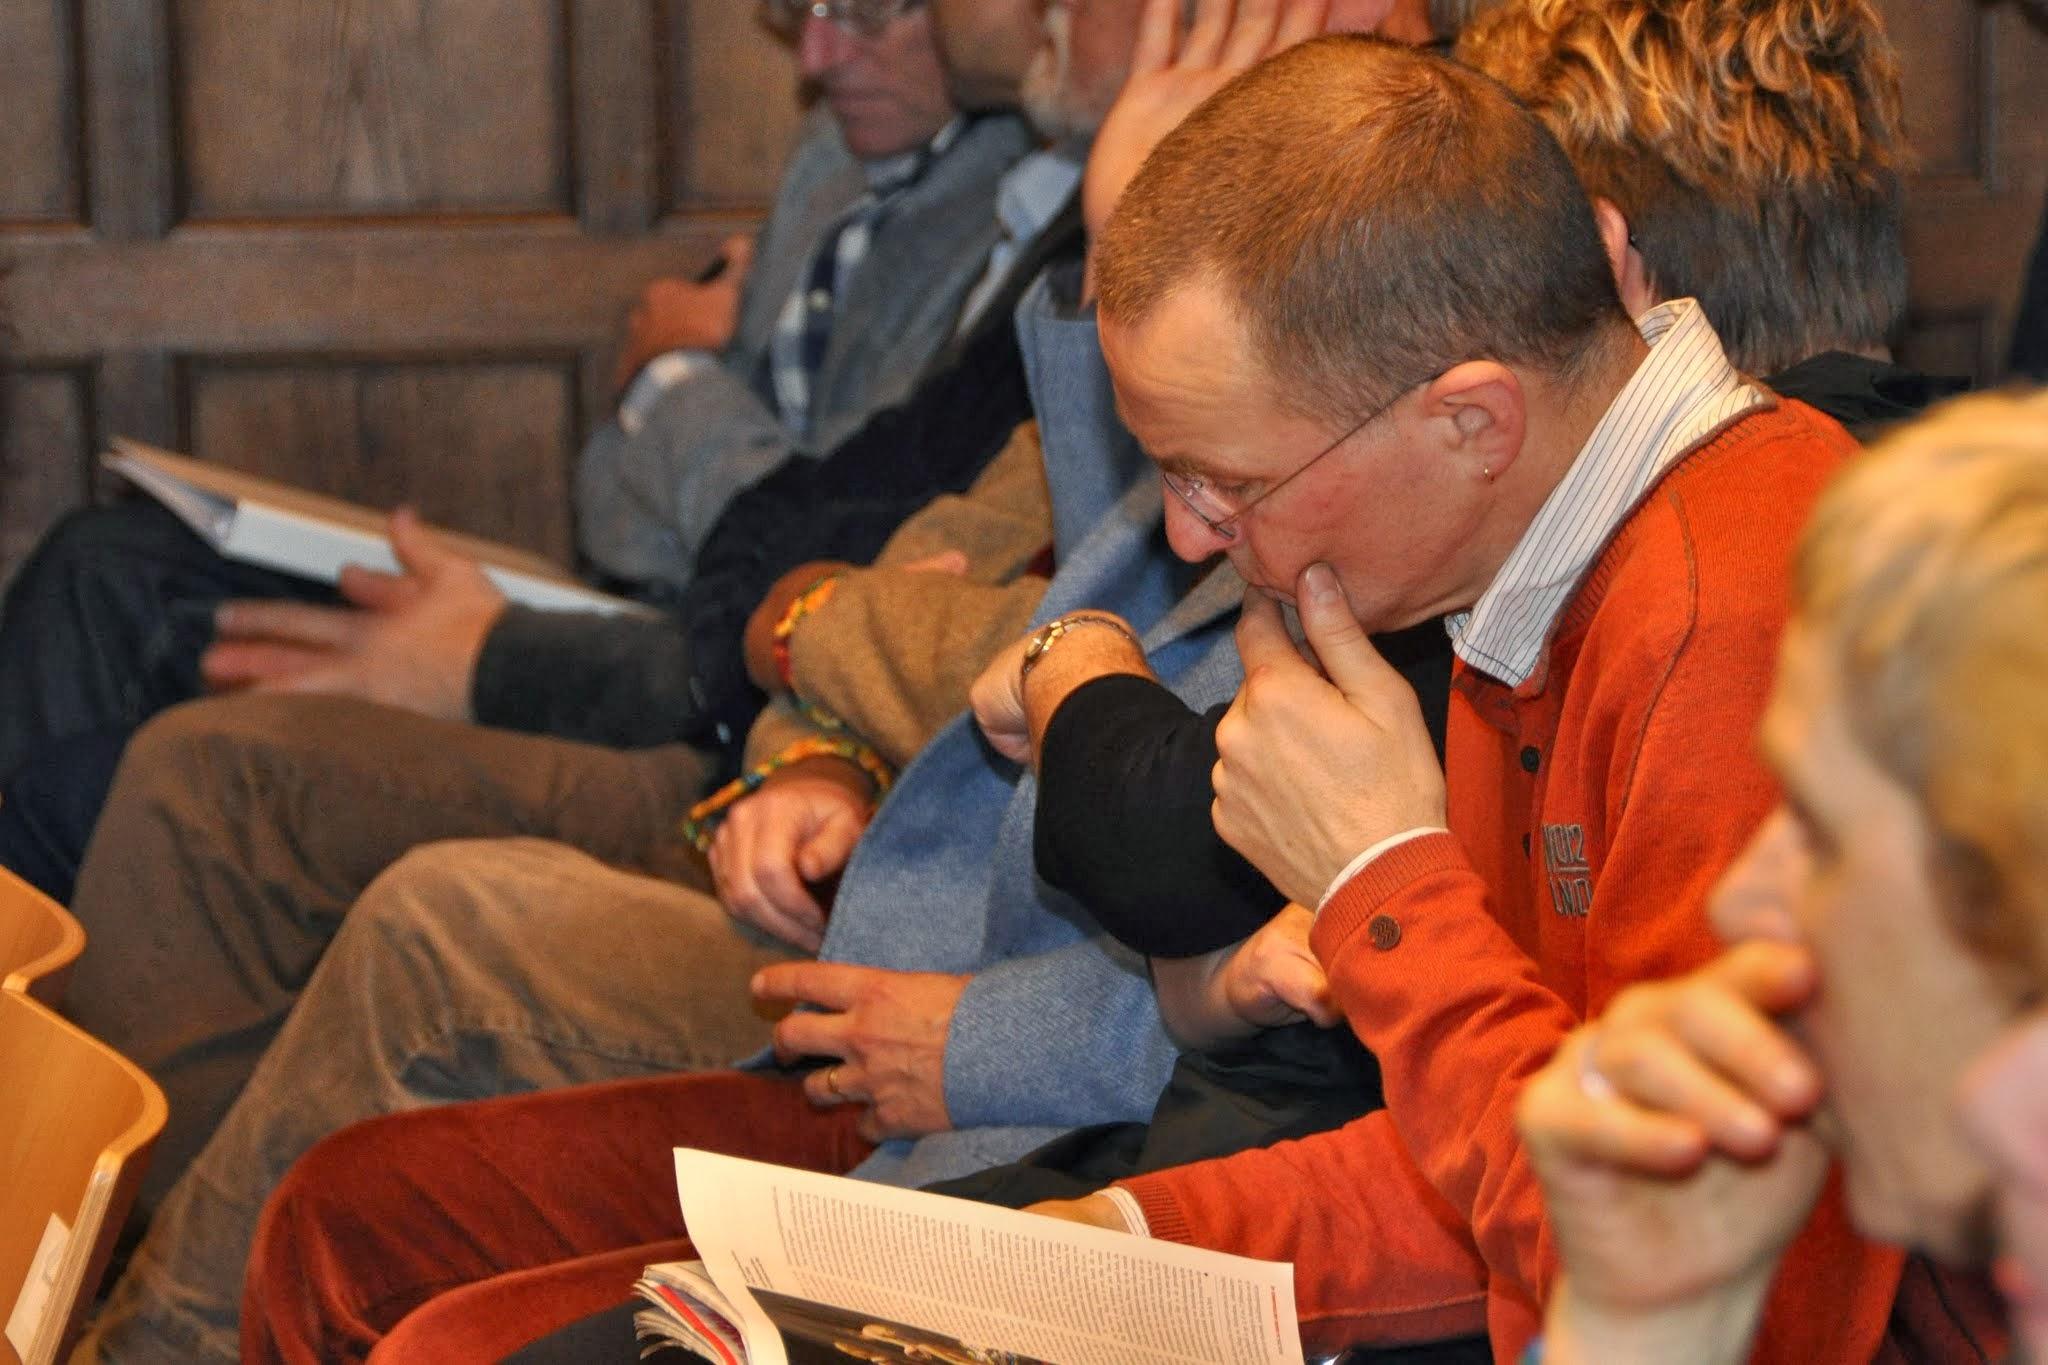 Photo: Kees van der Zwaard (docent 7evende Hemel), met anderen in afwachting van wat komen gaat.